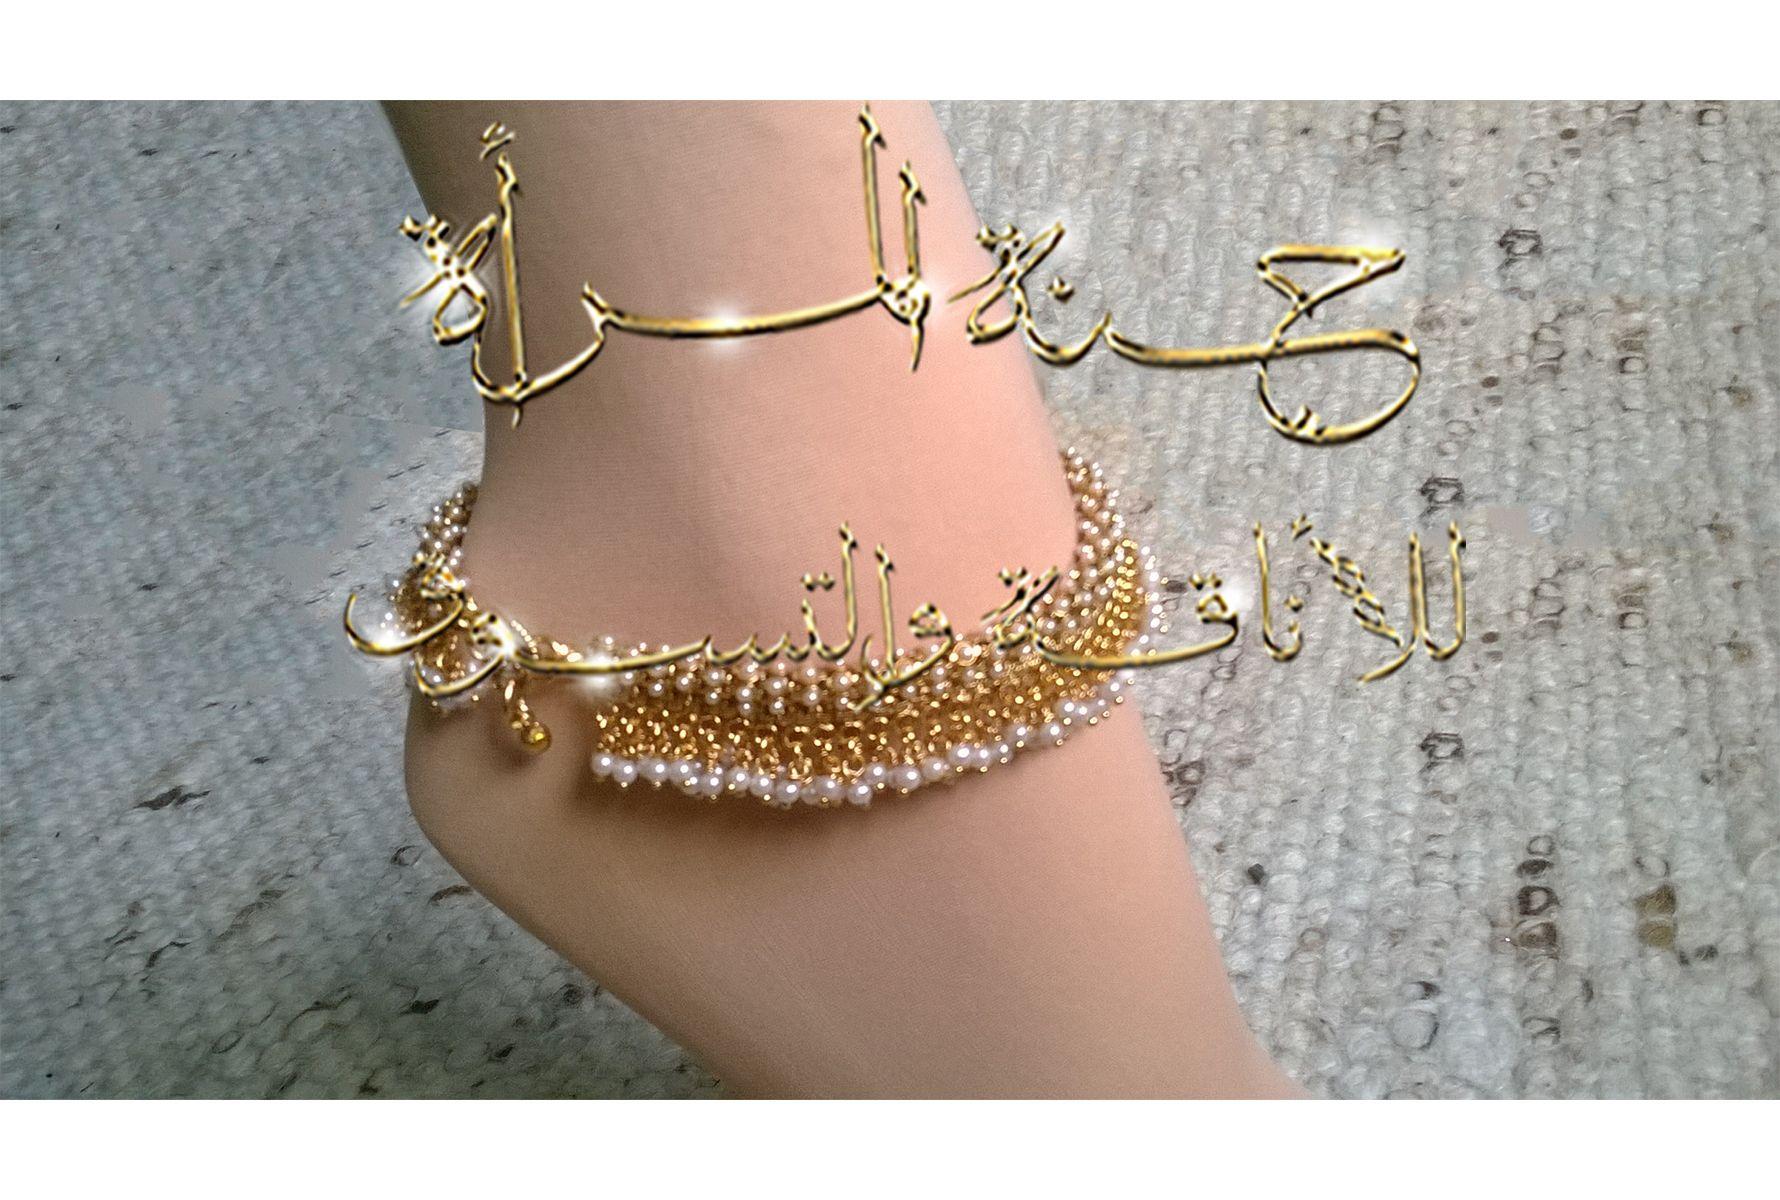 Pin By جنة المرأة للأناقة والتسوق On مجوهرات تقليدية Gold Bracelet Gold Jewelry